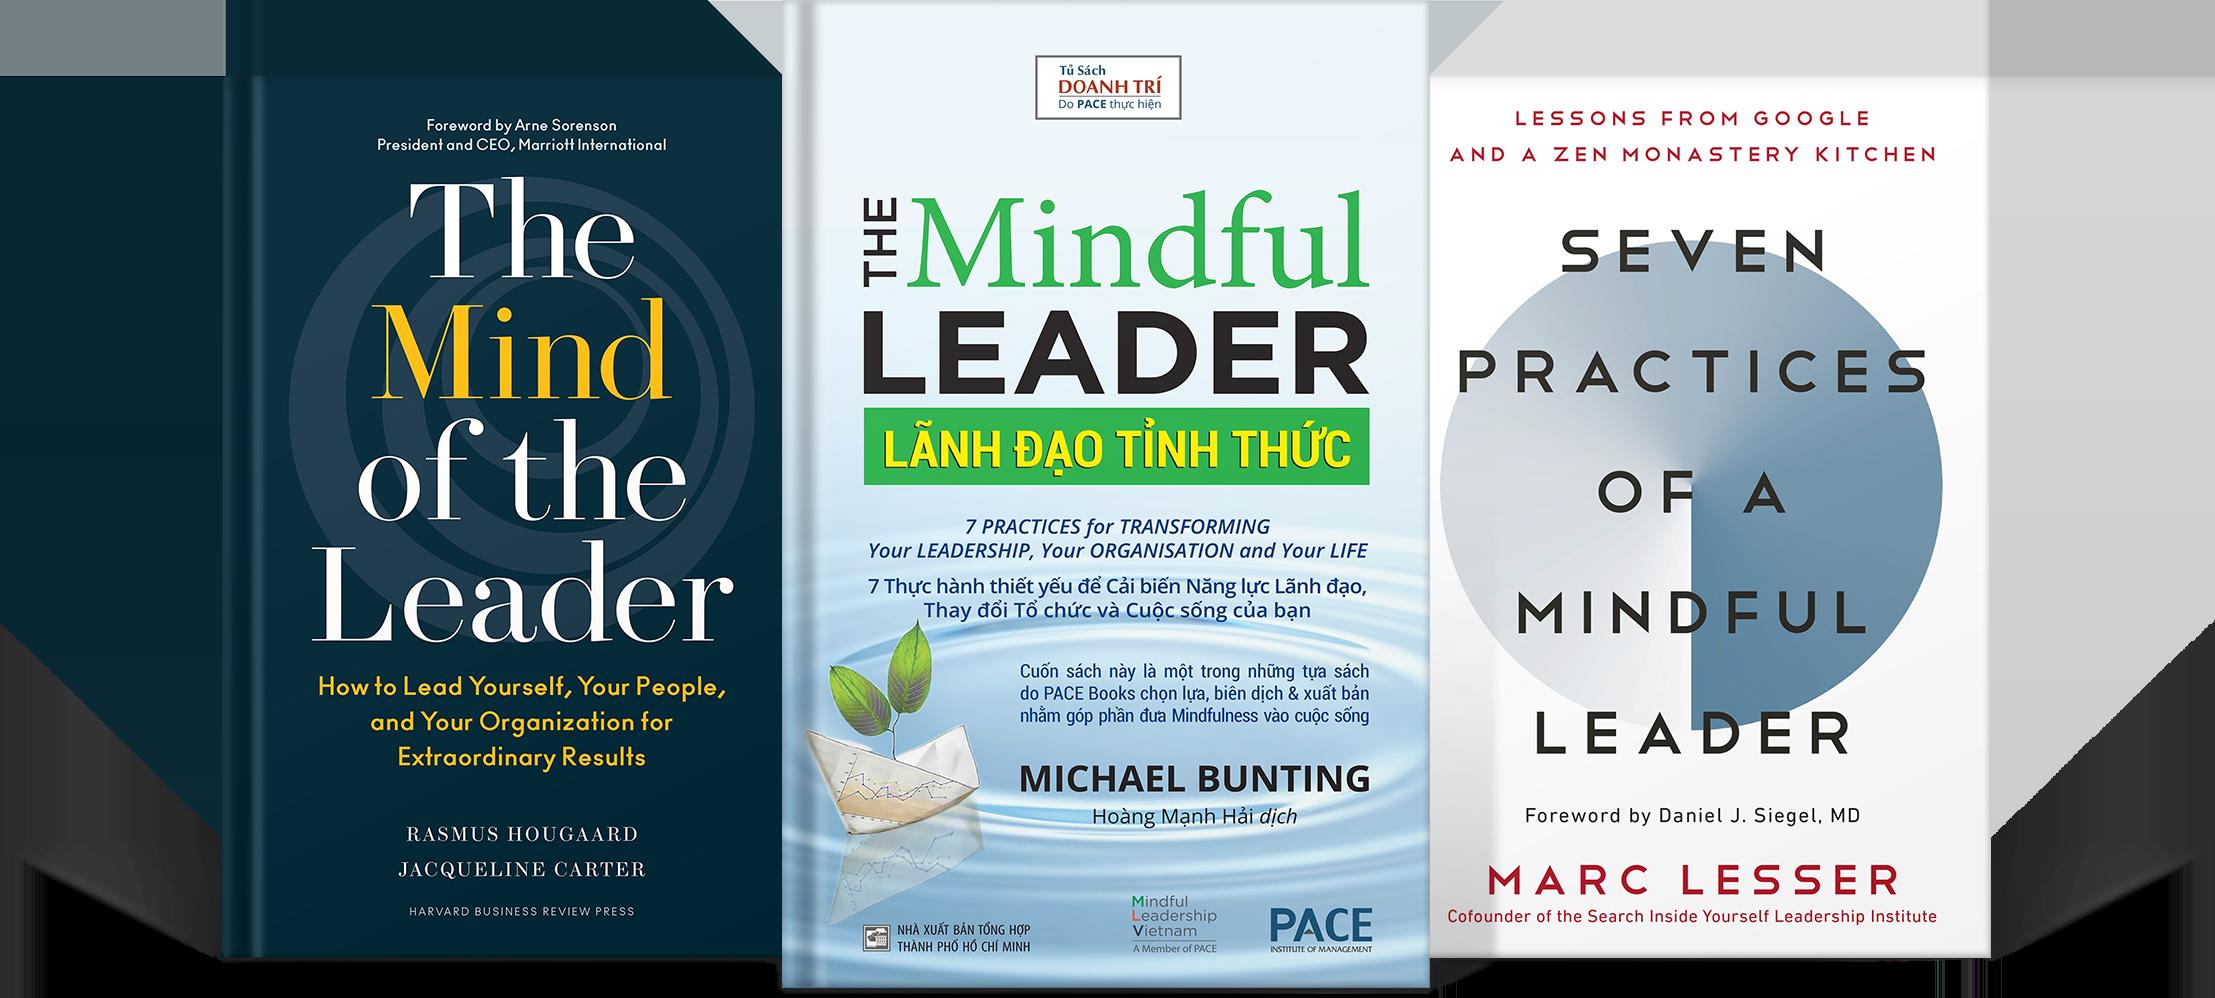 Mindful Leadership Program - 3 tác phẩm nổi bật bậc nhất thế giới hiện nay về lãnh đạo tỉnh thức